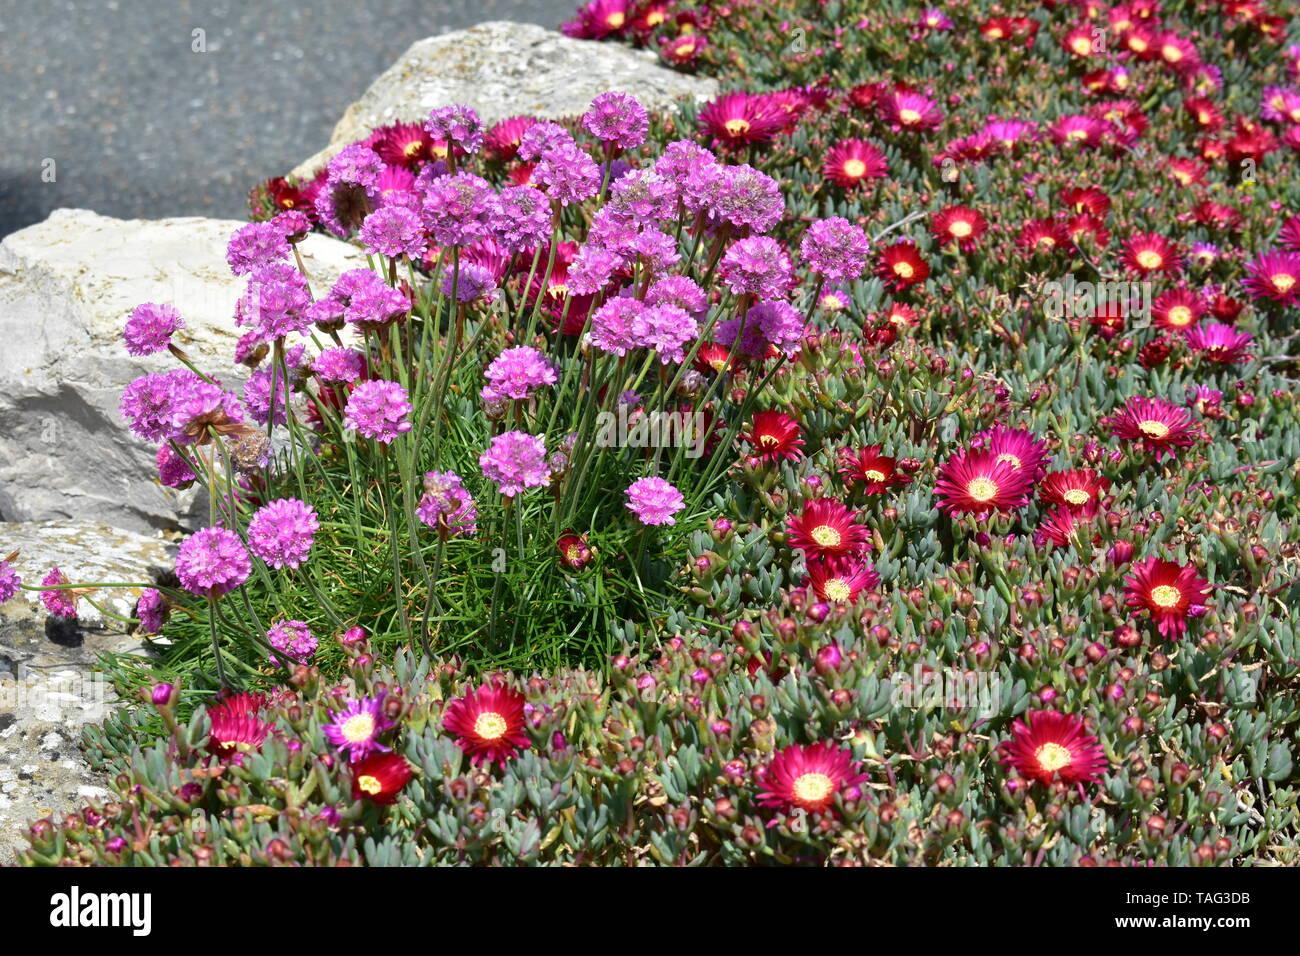 Blumen in Ventnor Esplanade und Wintergärten, Isle of Wight, Großbritannien. Stockfoto